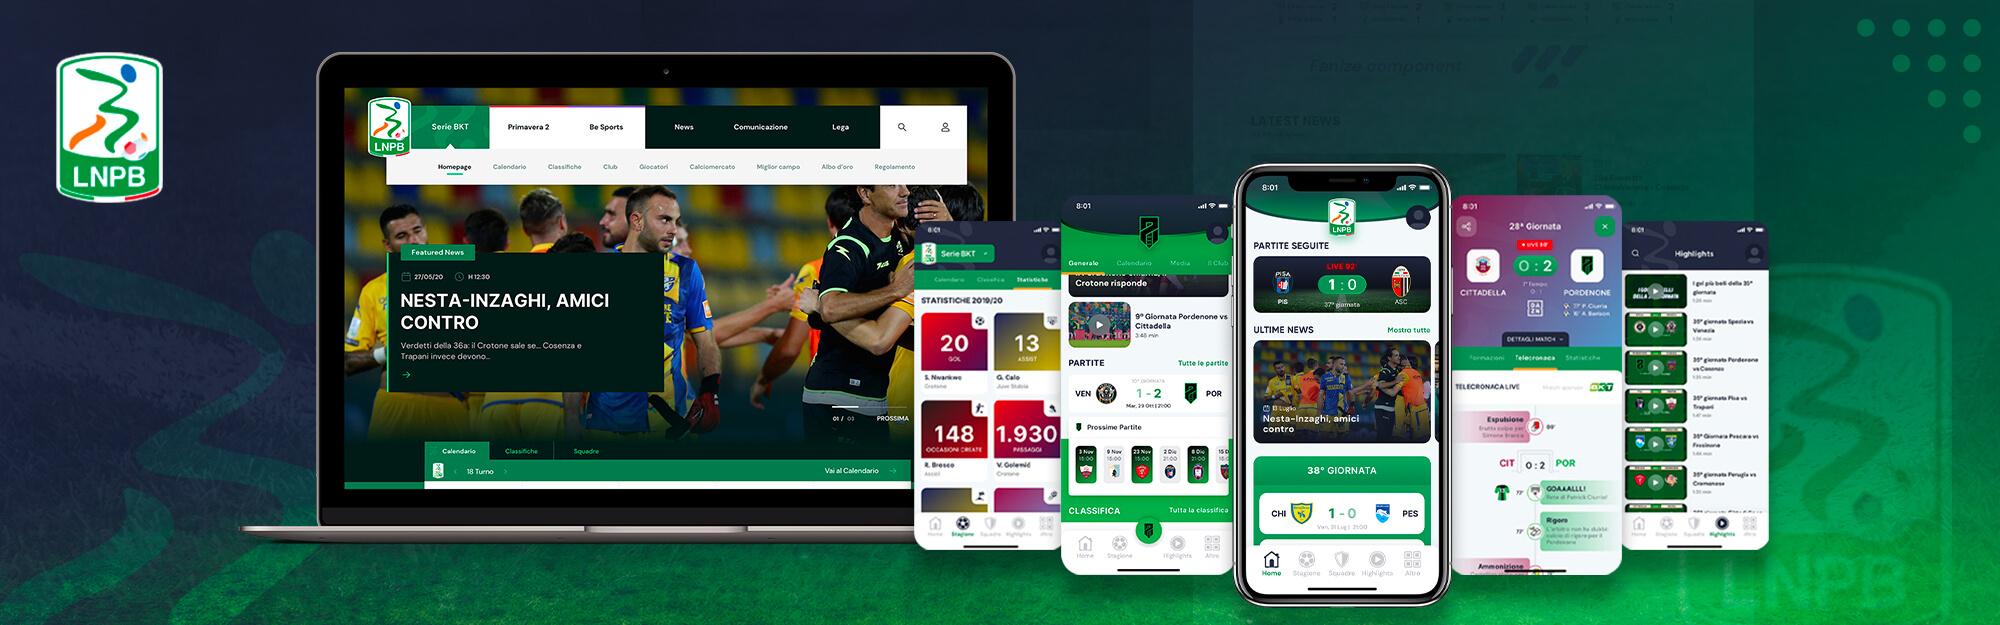 Lega B: presentate a Pisa la nuova versione dell'app e del sito internet realizzate da IQUII